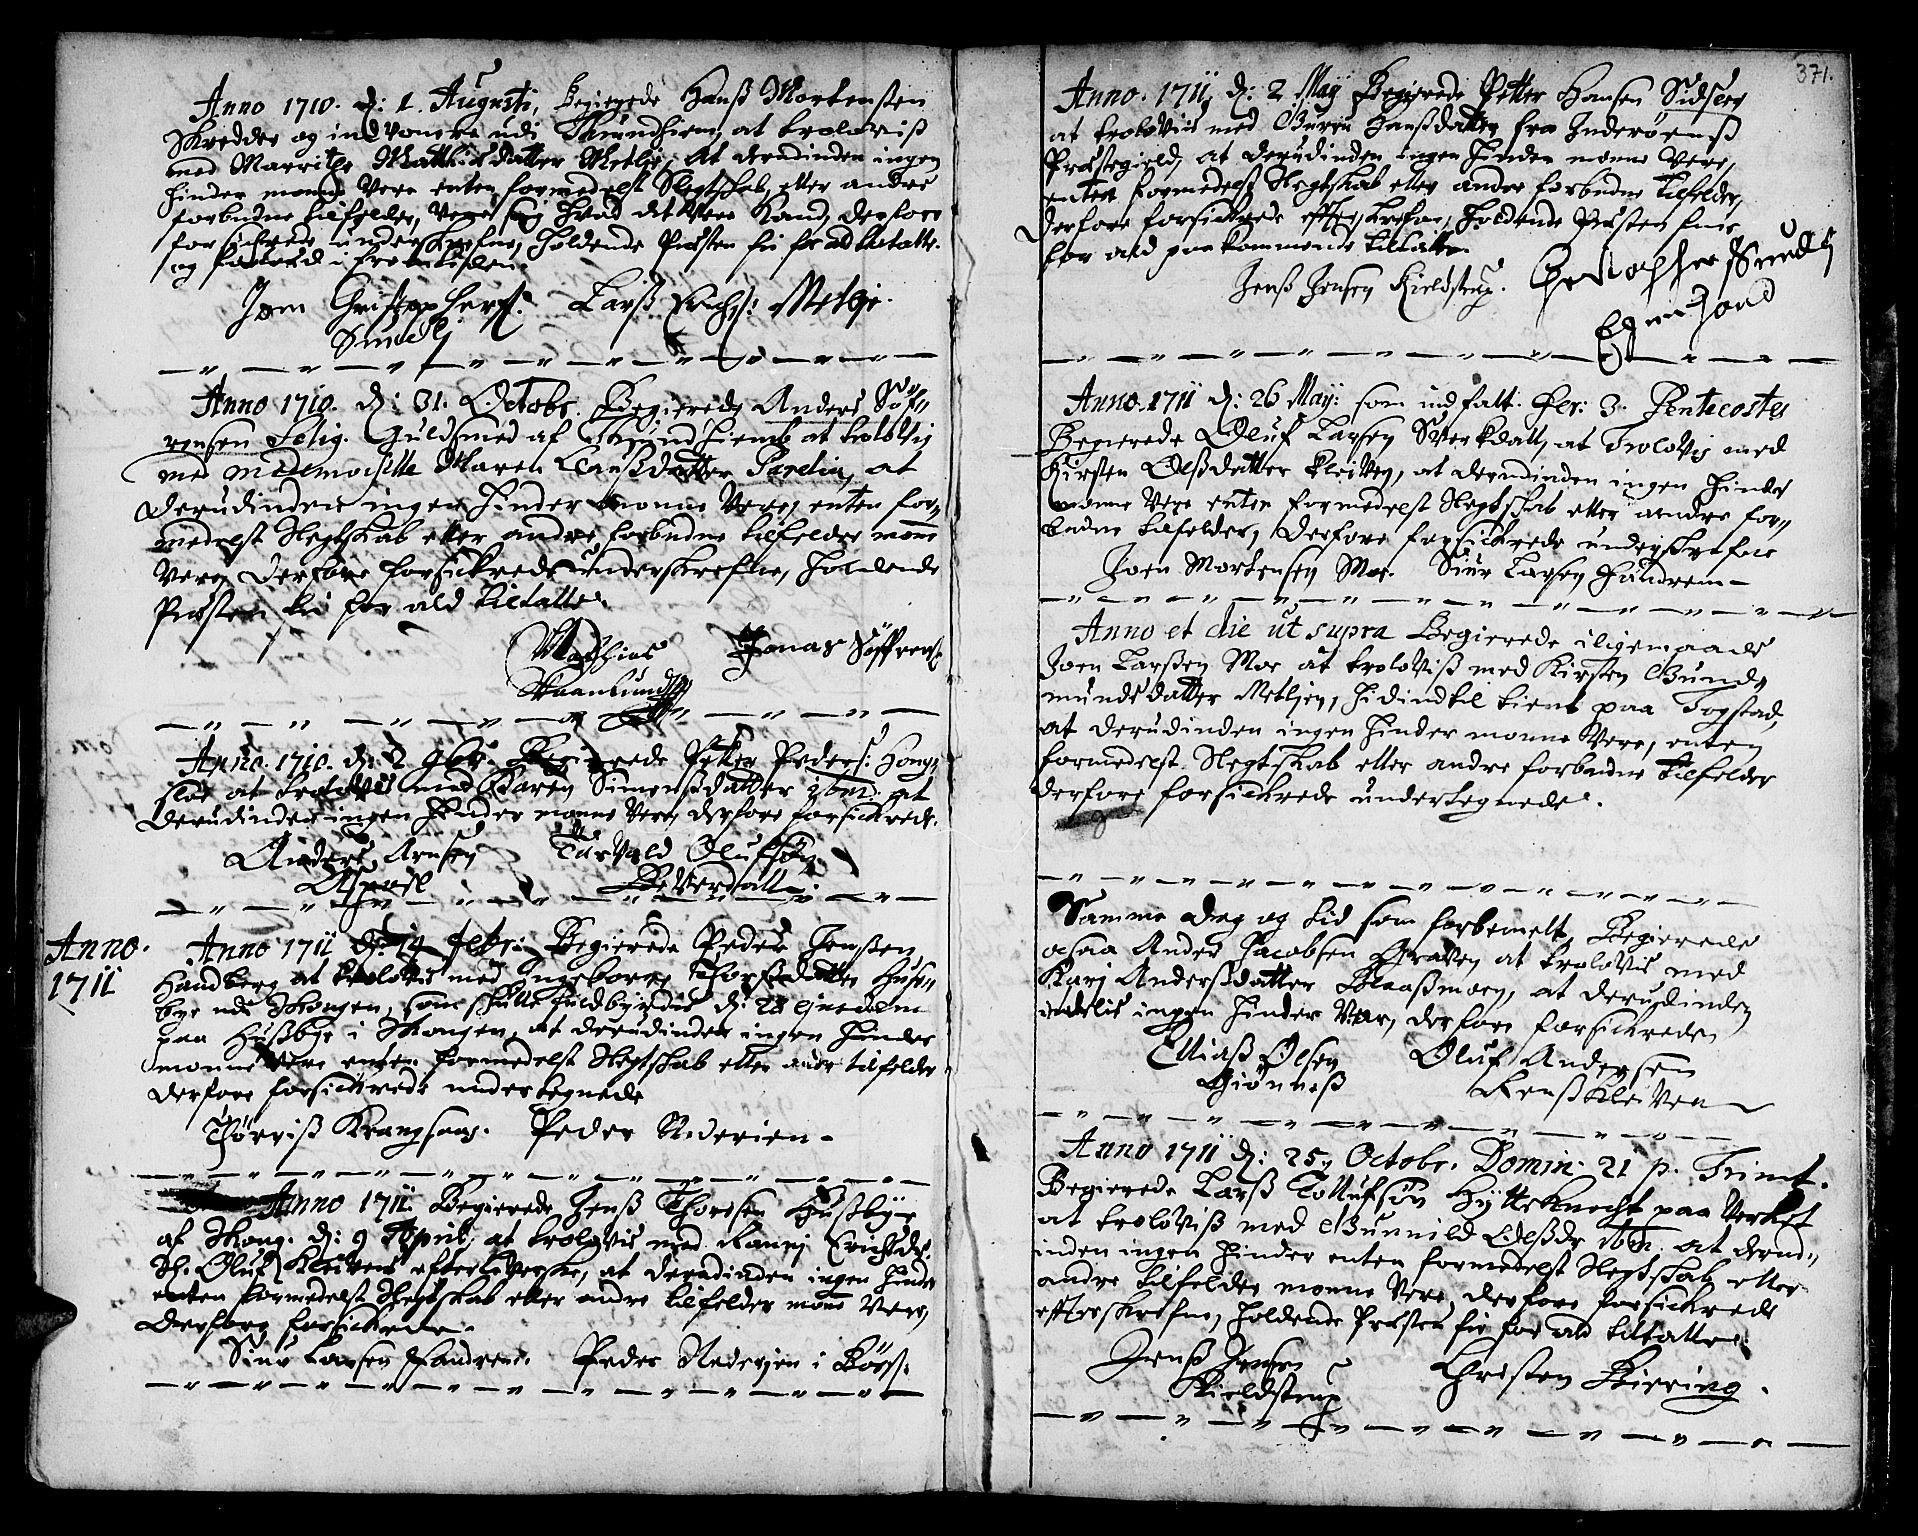 SAT, Ministerialprotokoller, klokkerbøker og fødselsregistre - Sør-Trøndelag, 668/L0801: Ministerialbok nr. 668A01, 1695-1716, s. 370-371